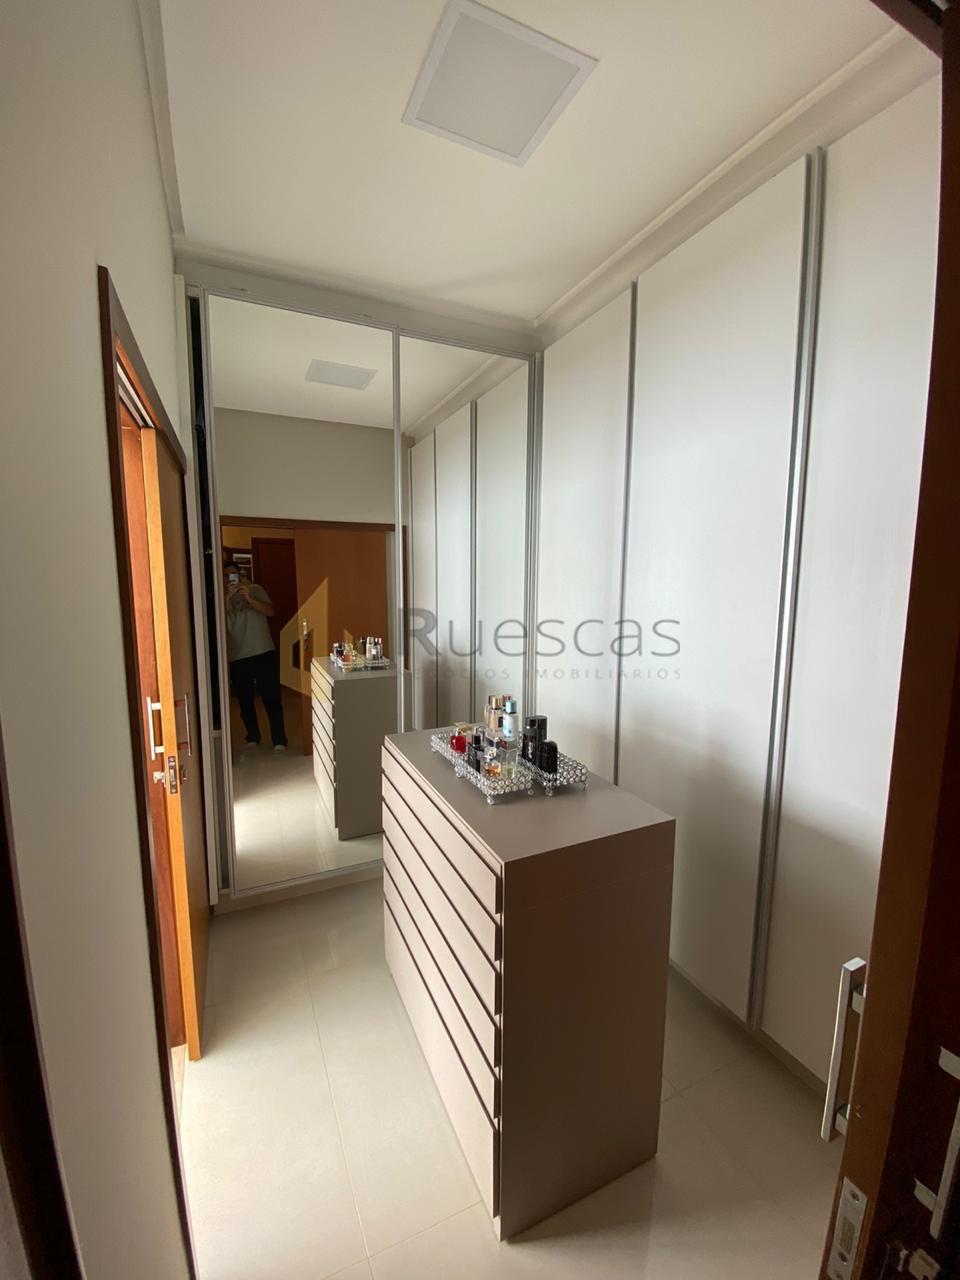 Casa em Condomínio 3 quartos à venda Parque Residencial Damha VI, São José do Rio Preto - R$ 1.500.000 - 1168 - 29